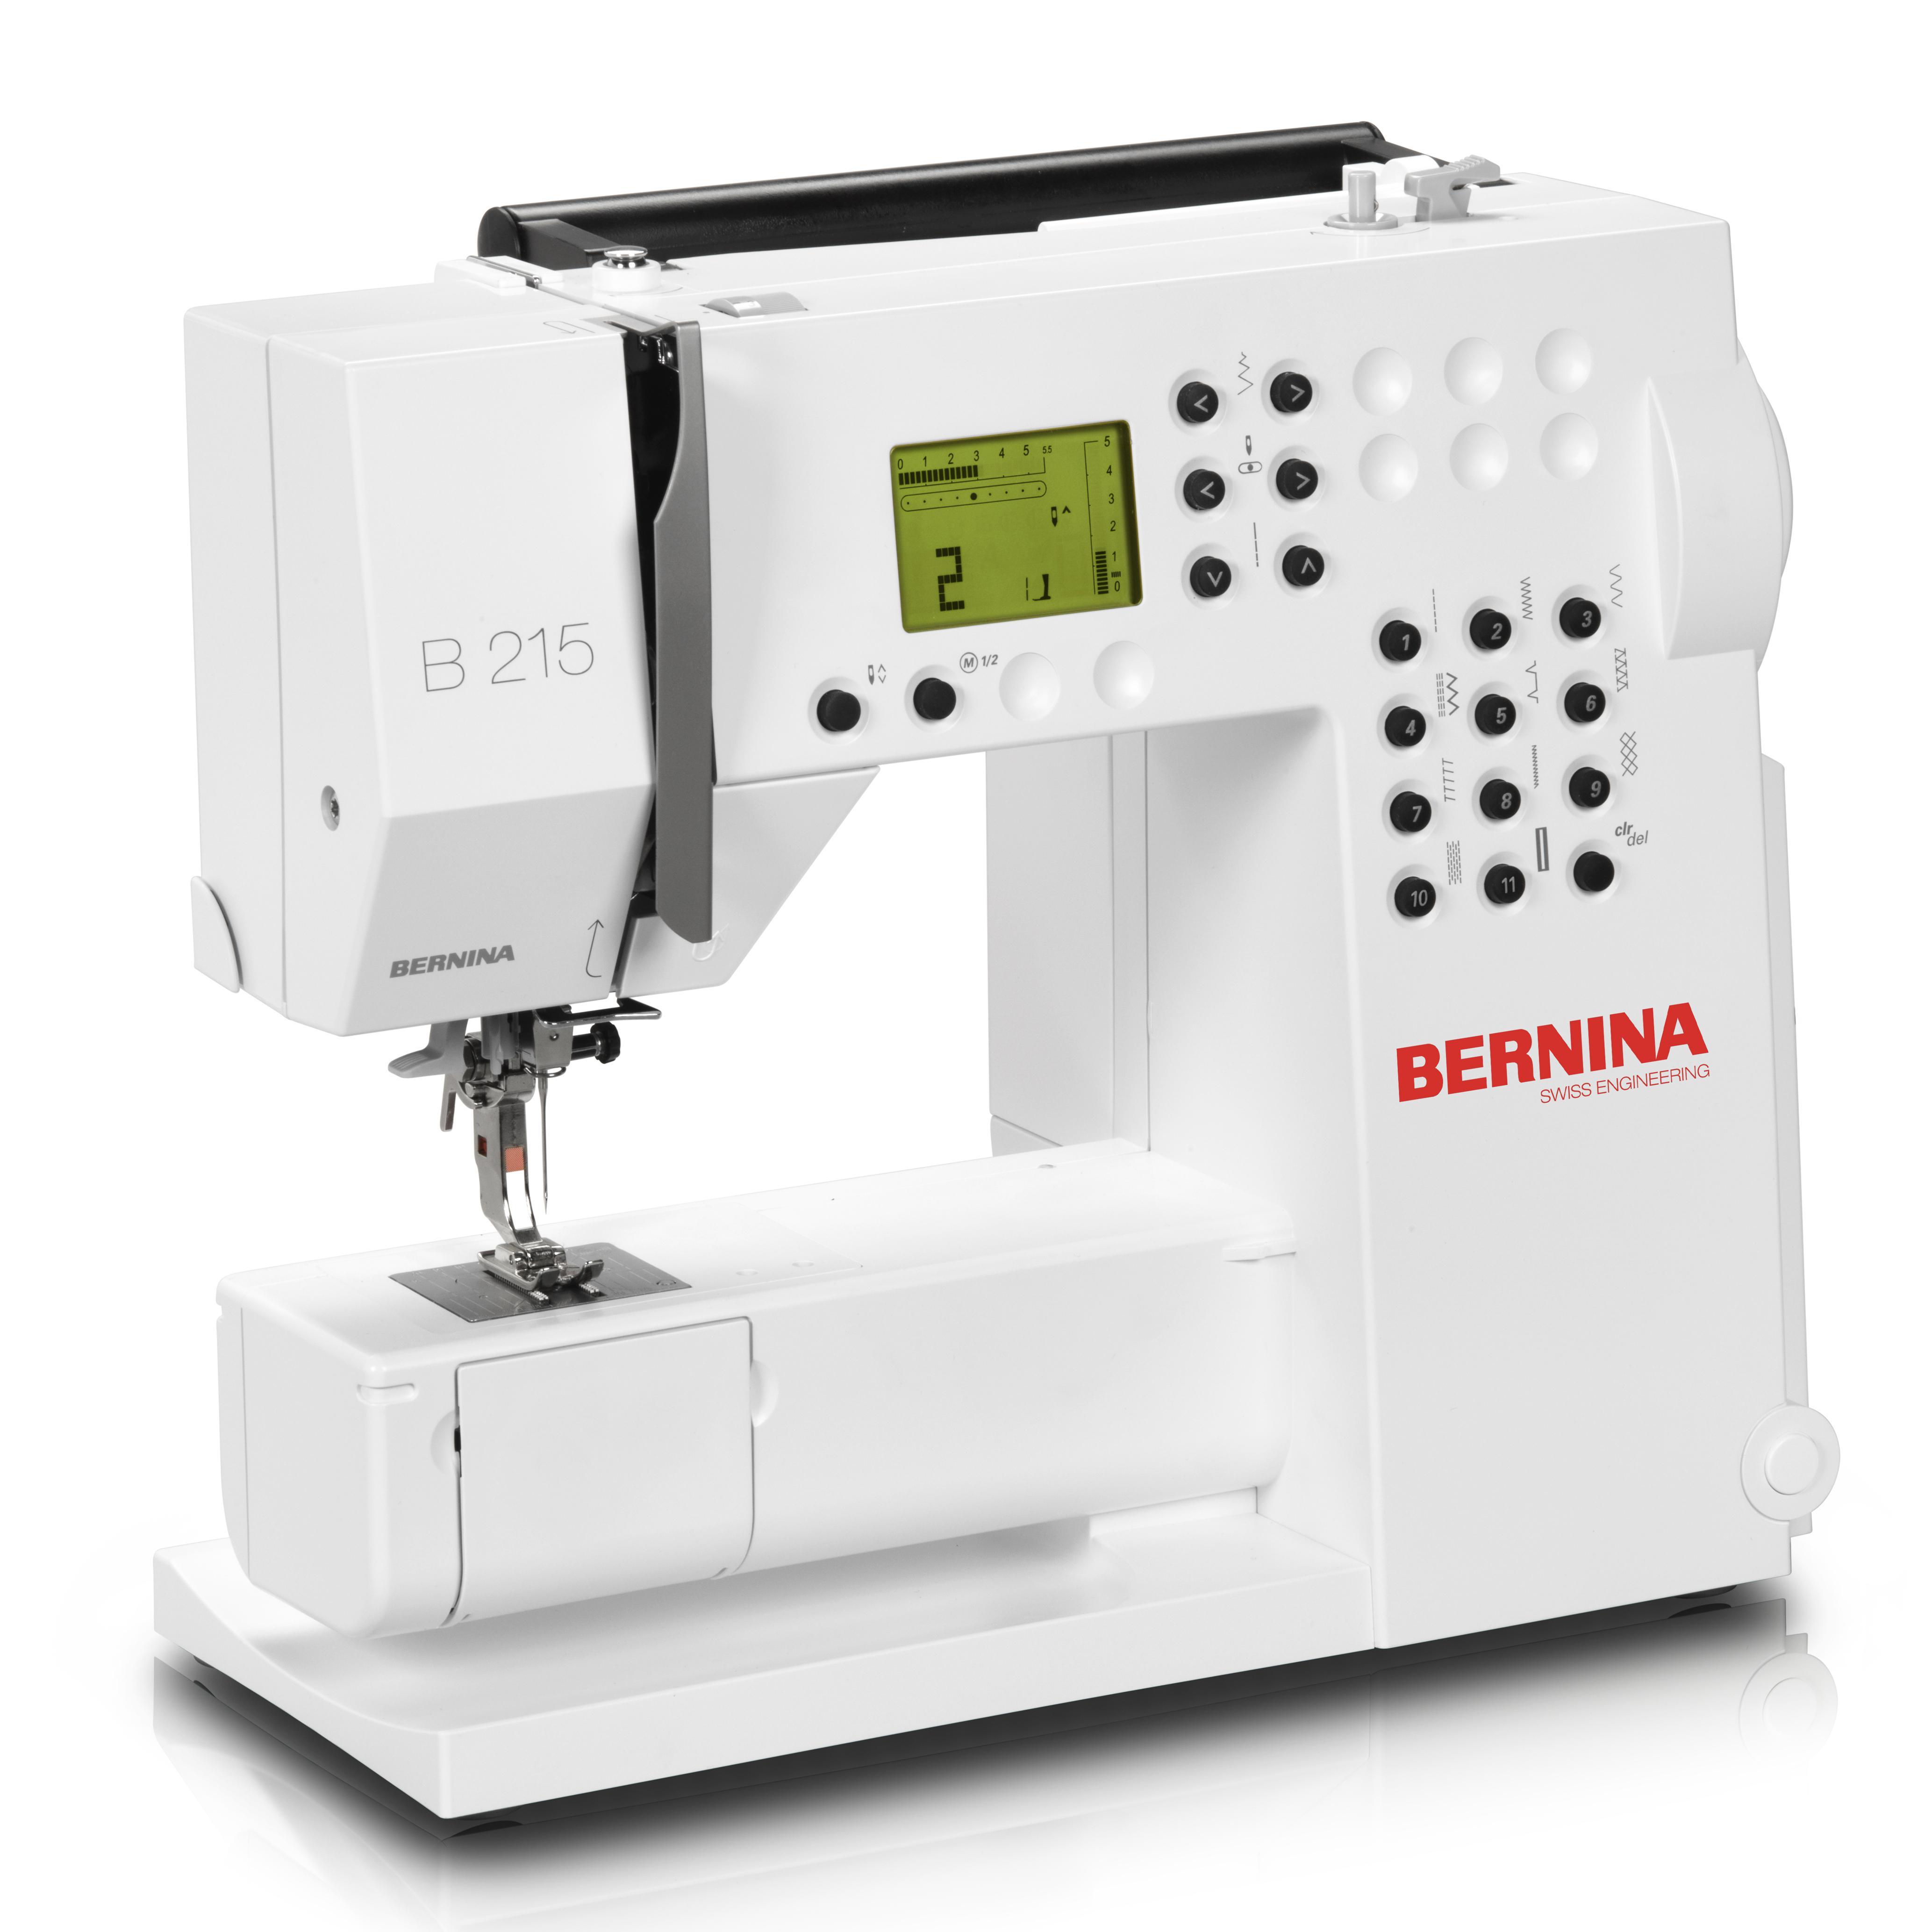 Bernina-activa-215-b215